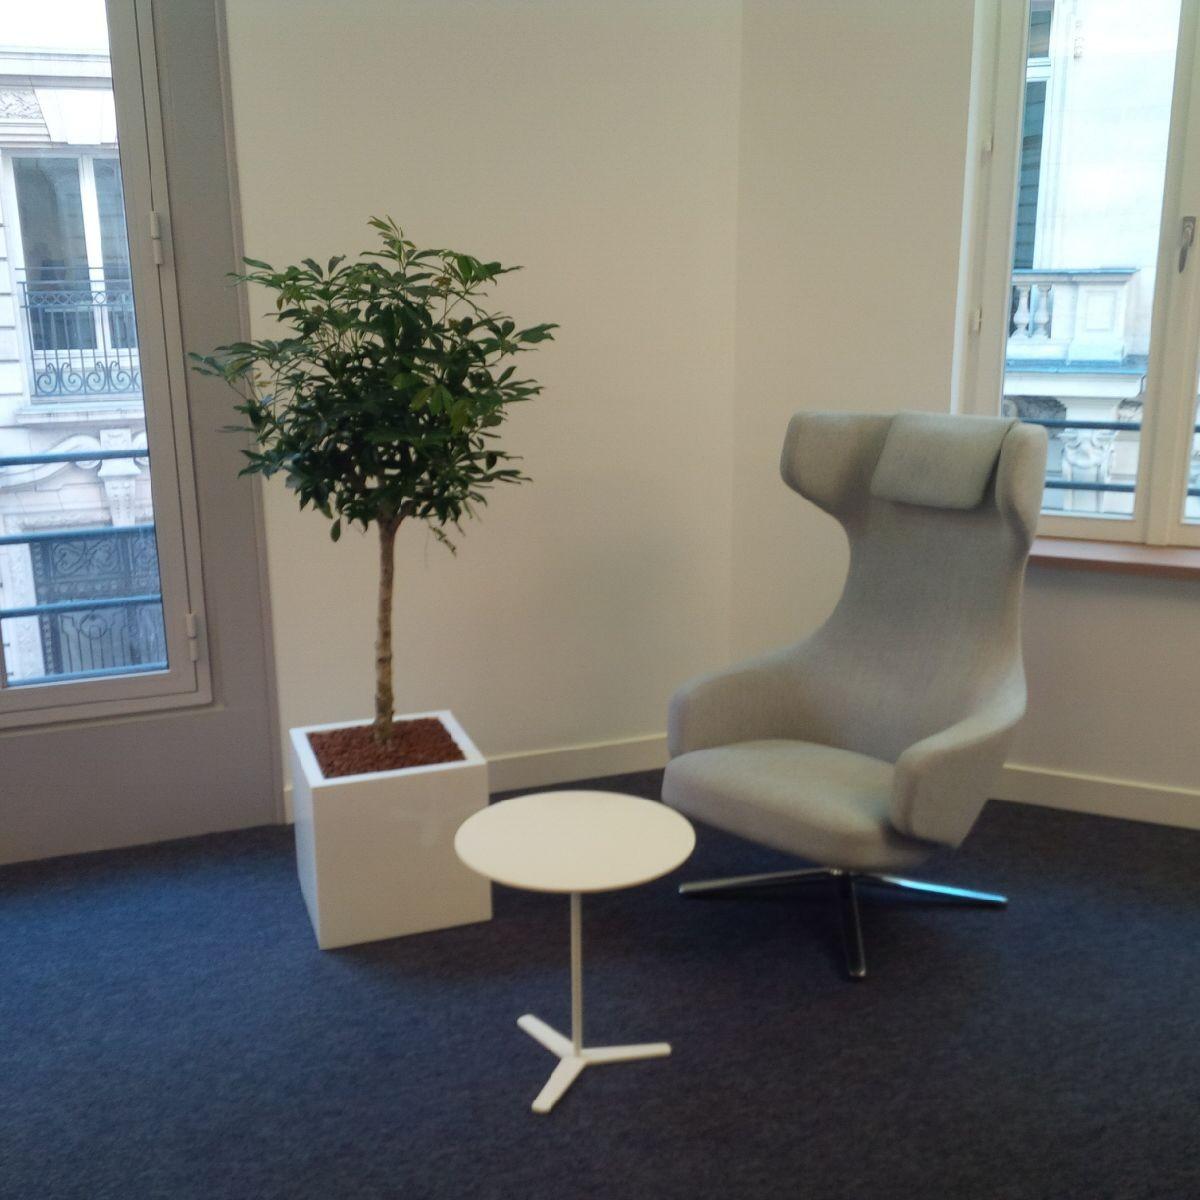 Paysagiste d'intérieur: location de végétaux pour les bureaux d'une entreprise Parisienne